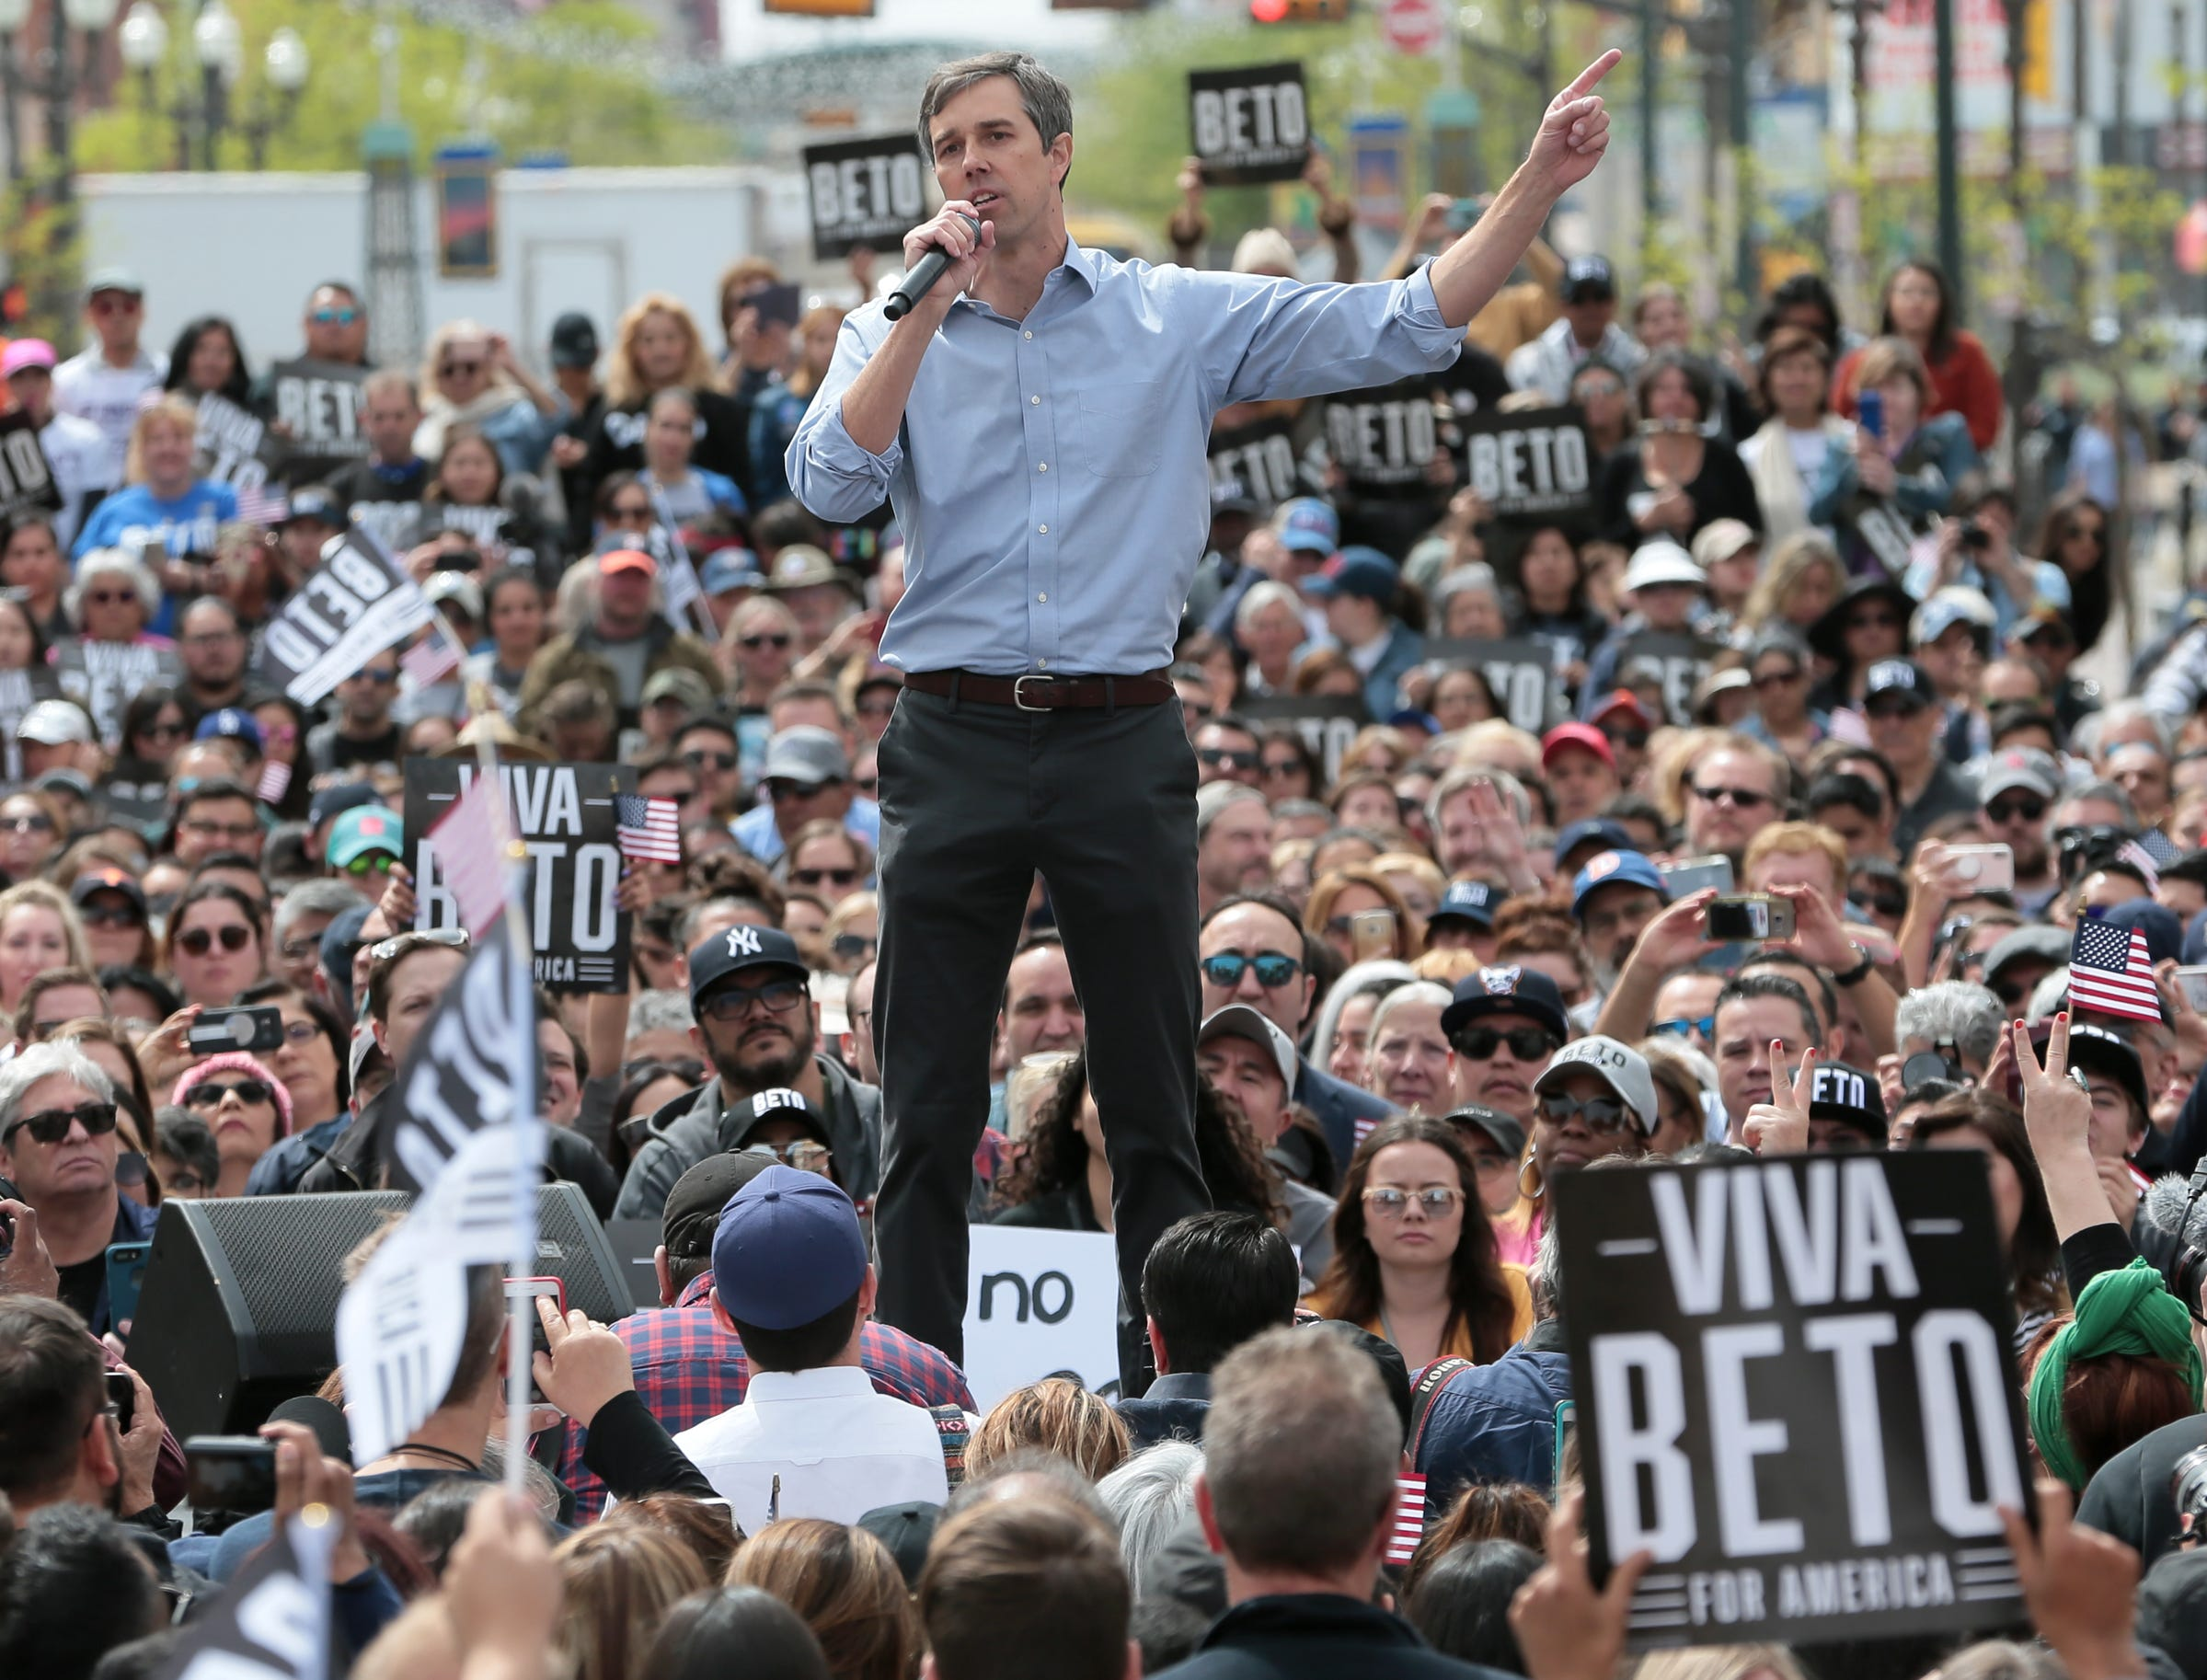 El Pasoan Beto O'Rourke officially kicked off his presidential campaign Saturday on El Paso Street in downtown El Paso.